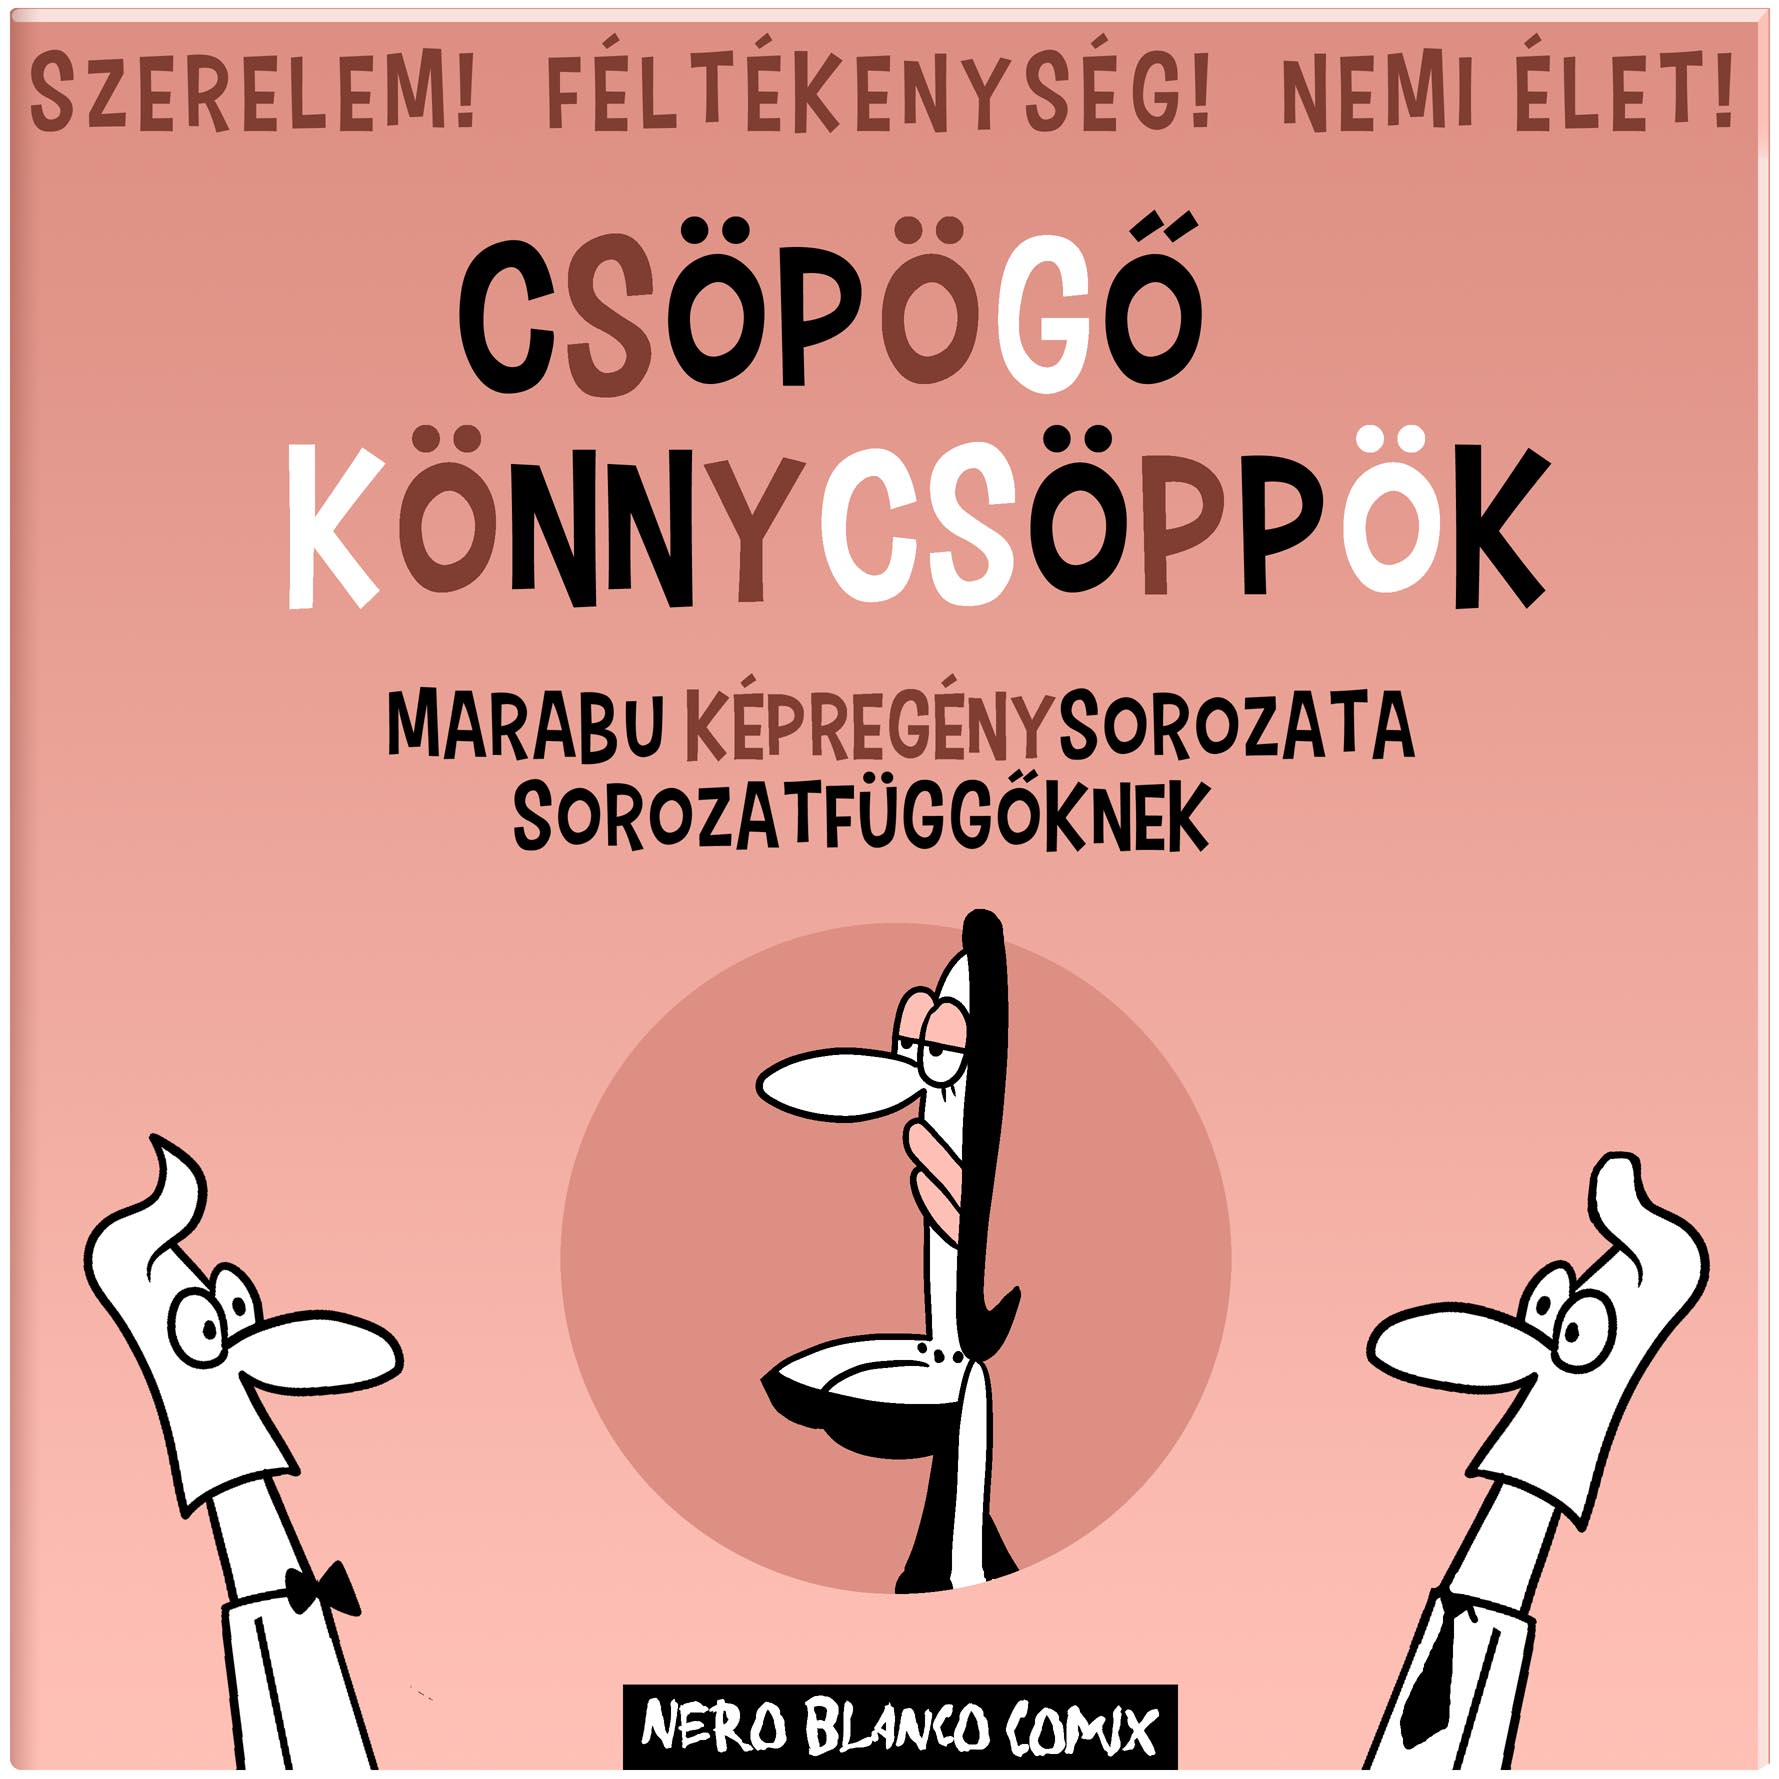 csopogo_konnycsoppok_borito.jpg